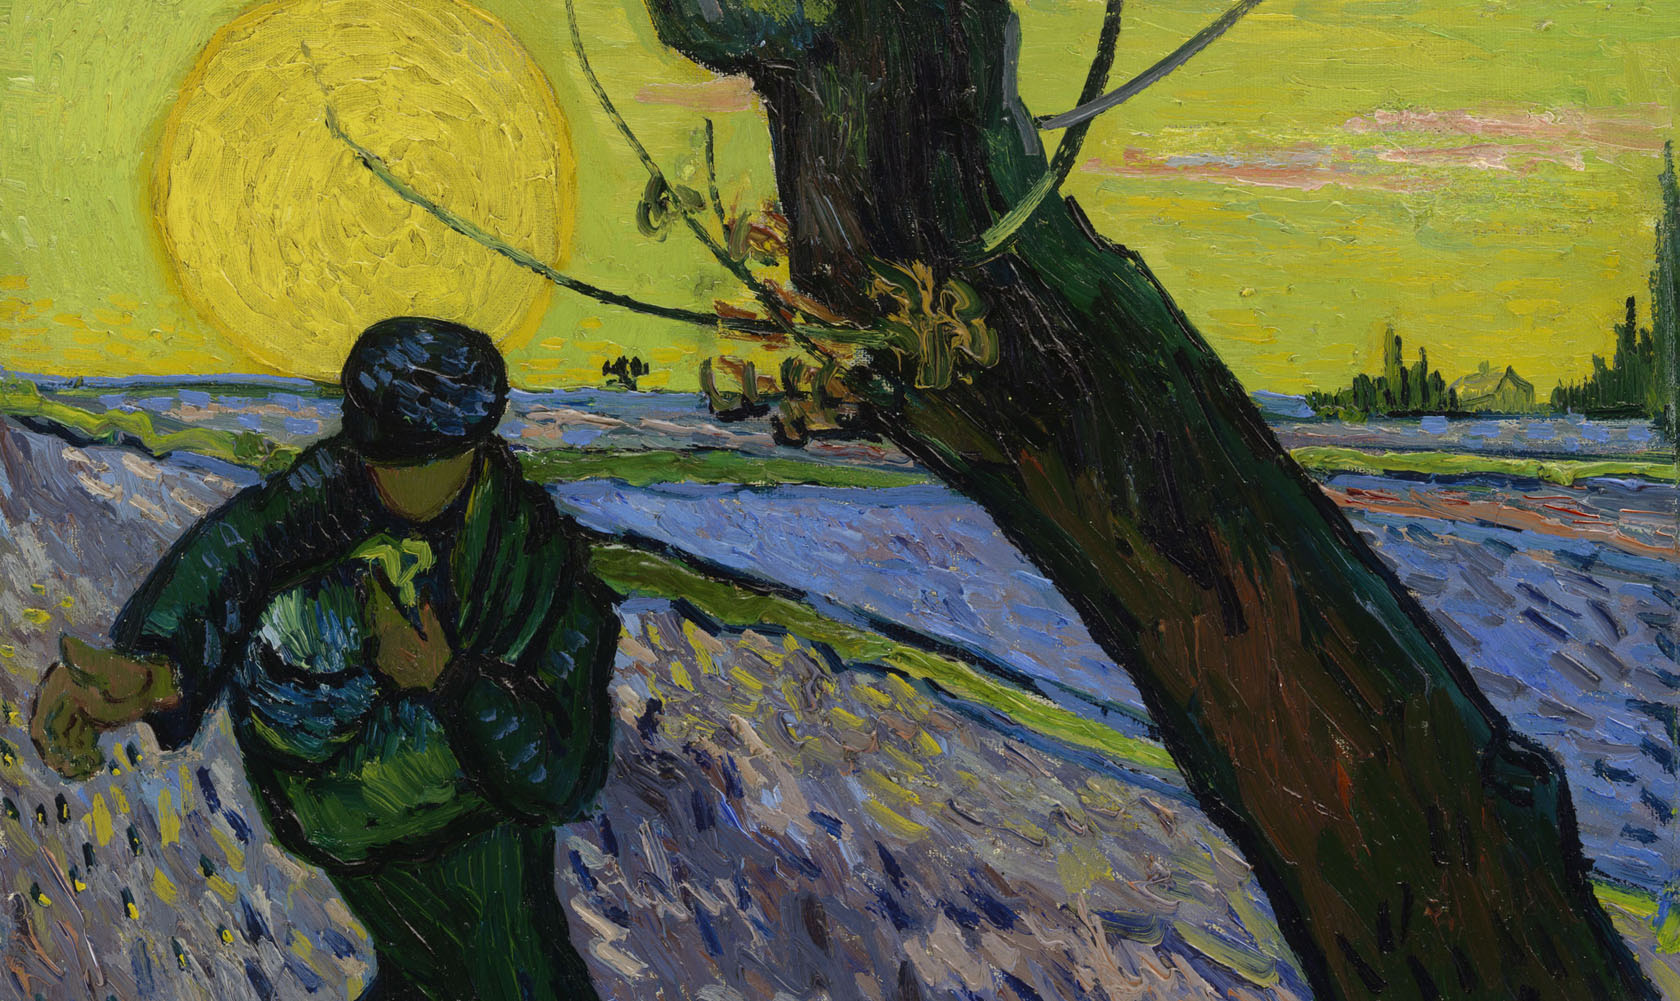 Vincent-van-Gogh-De-zaaier-detail-1888-Van-Gogh-Museum